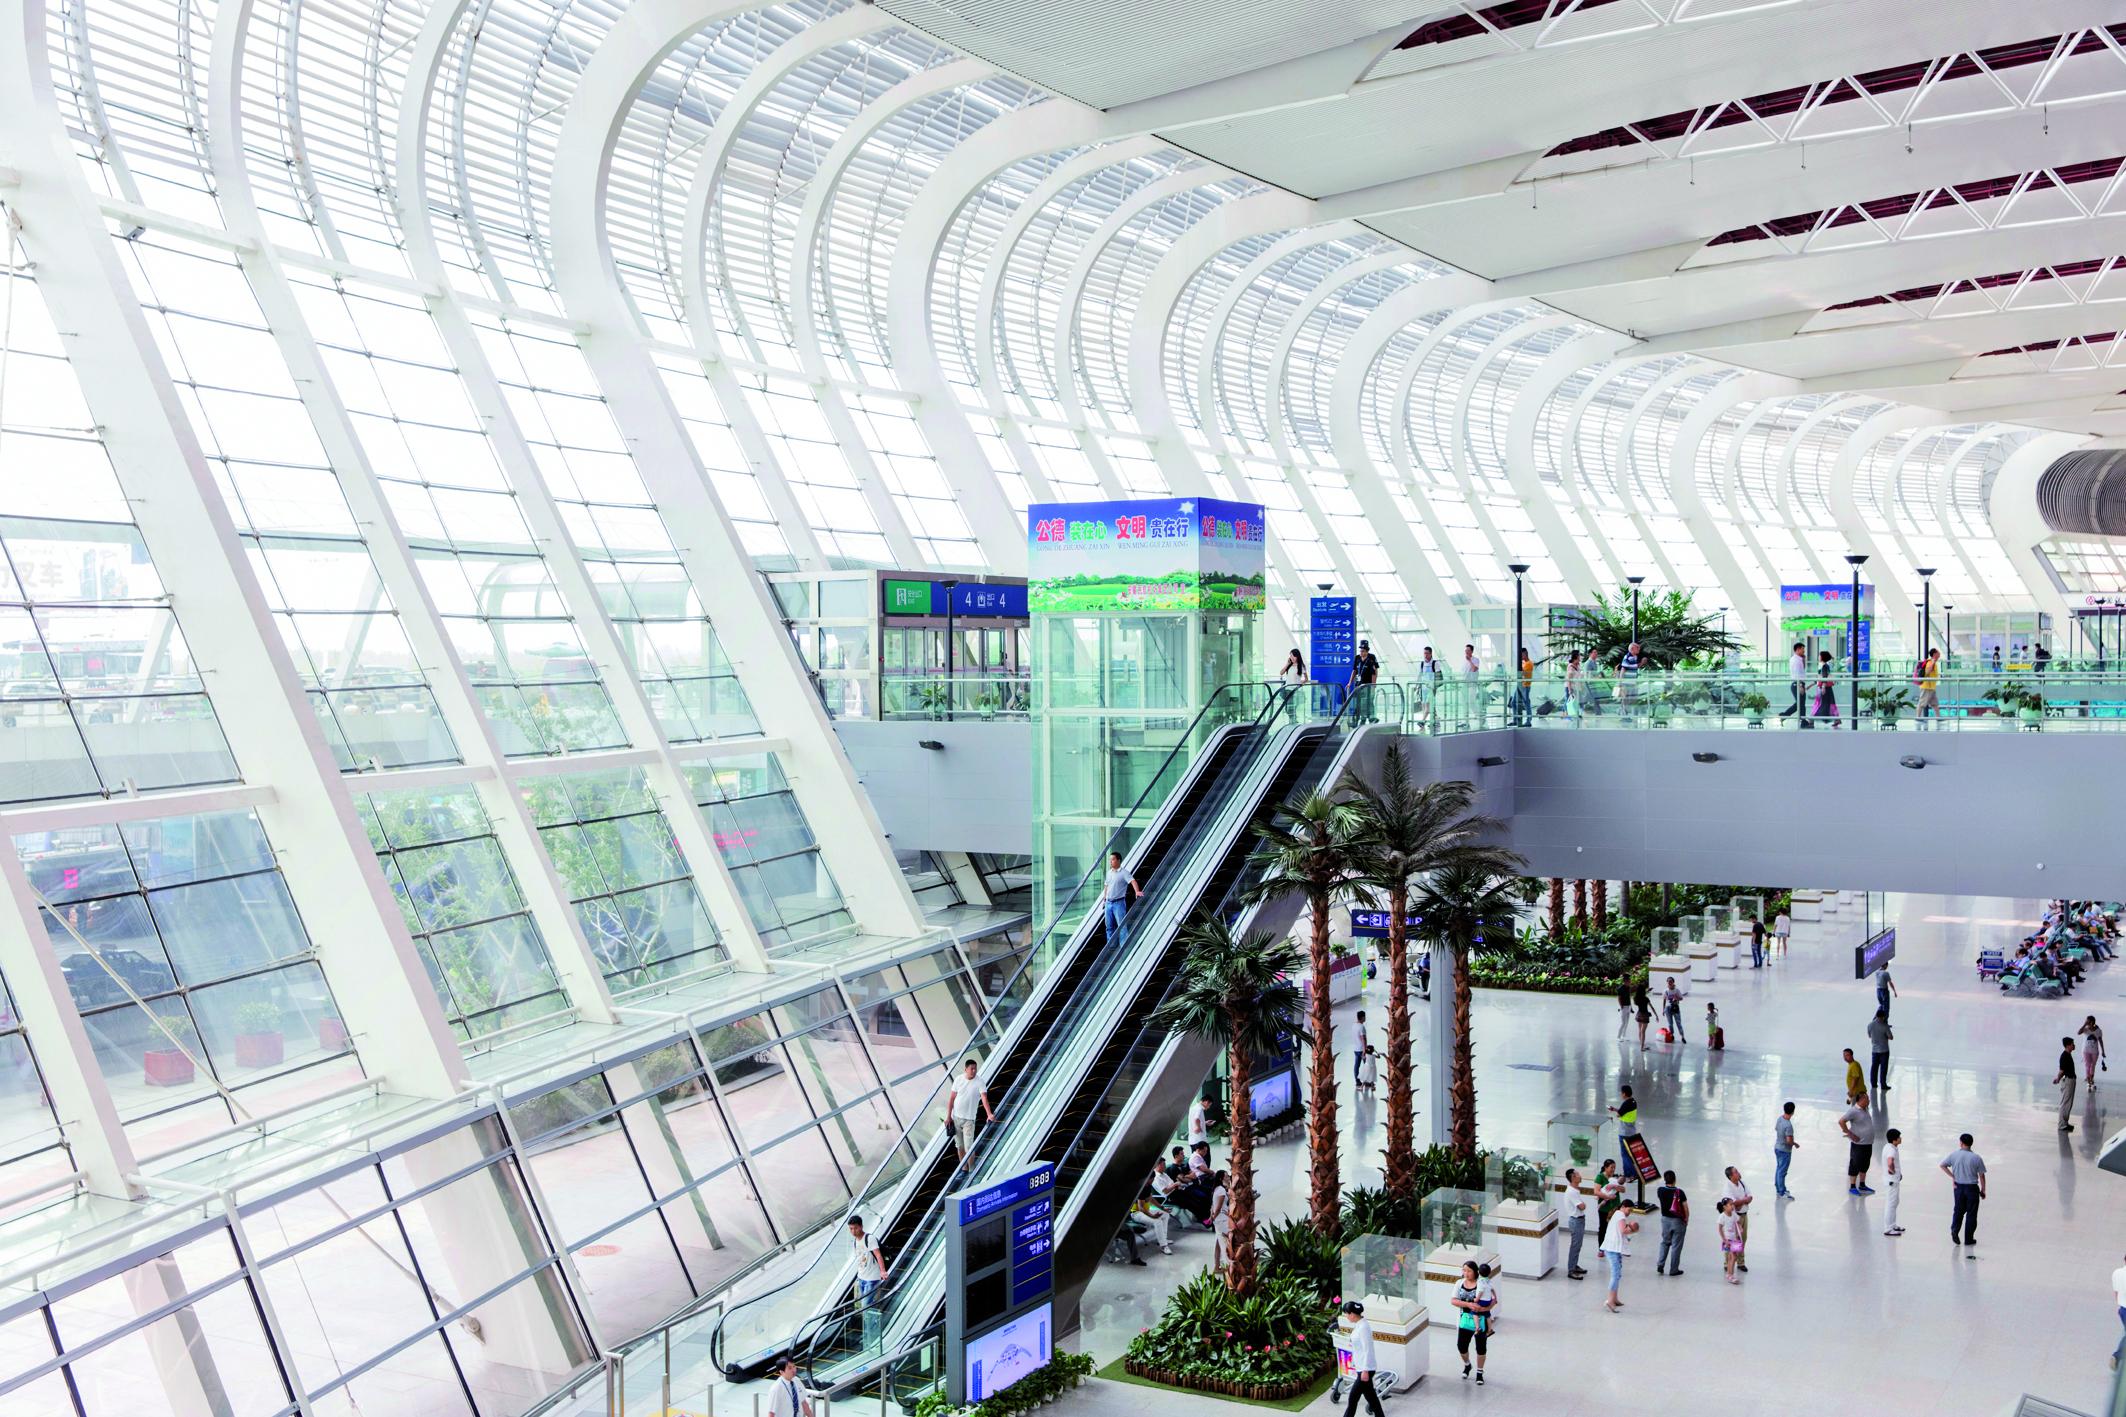 Fahrtreppe Modell Tugela von Thyssenkrupp im International Airport Hefei-Xinqiao, China (Bild: Thyssenkrupp AG)